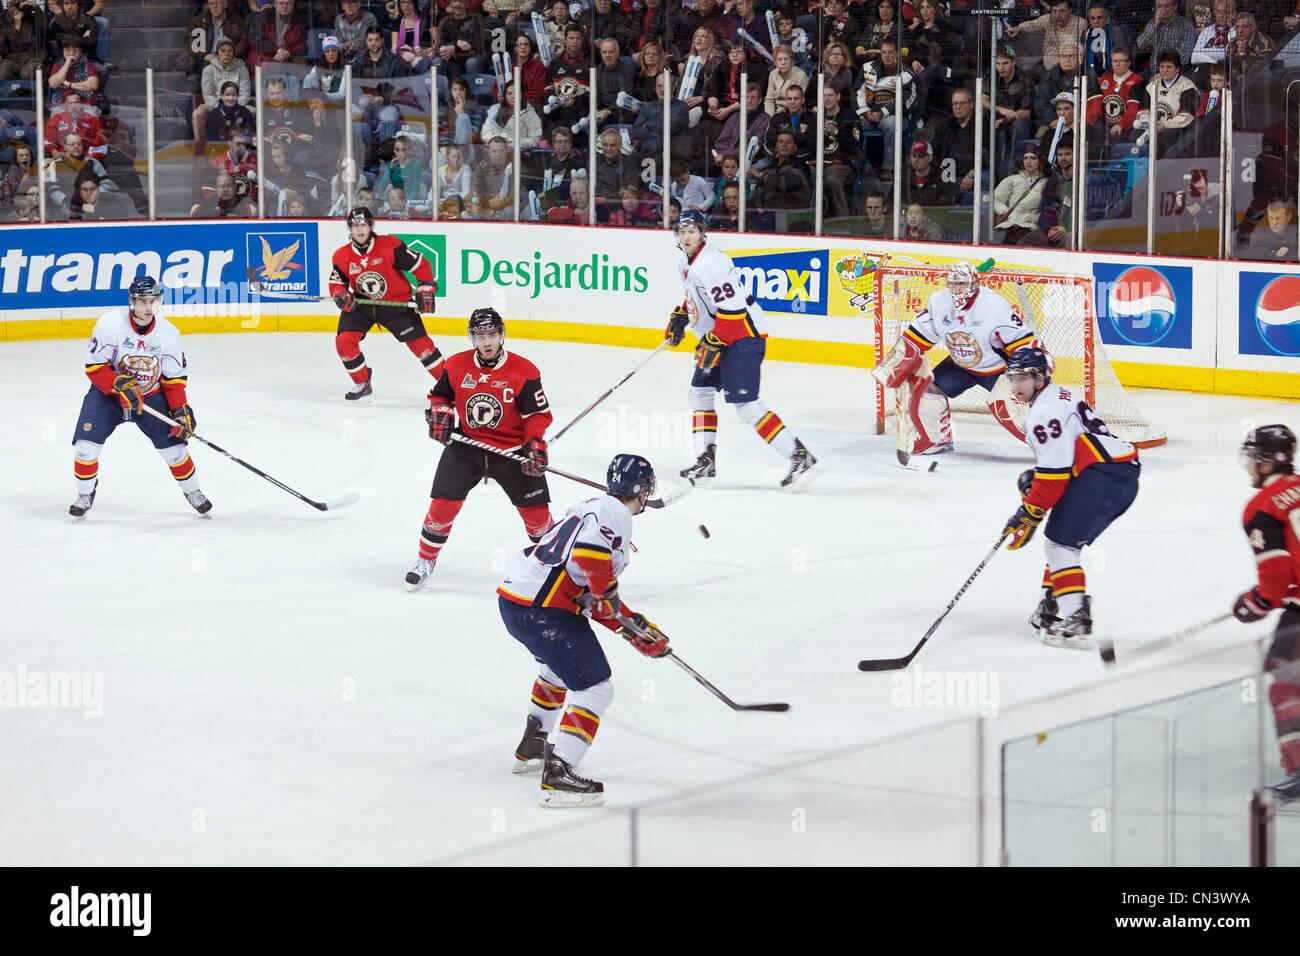 Canadá, provincia de Quebec, Quebec, la arena del Coliseo, complejo deportivo, el equipo de jockey sobre hielo Imagen De Stock